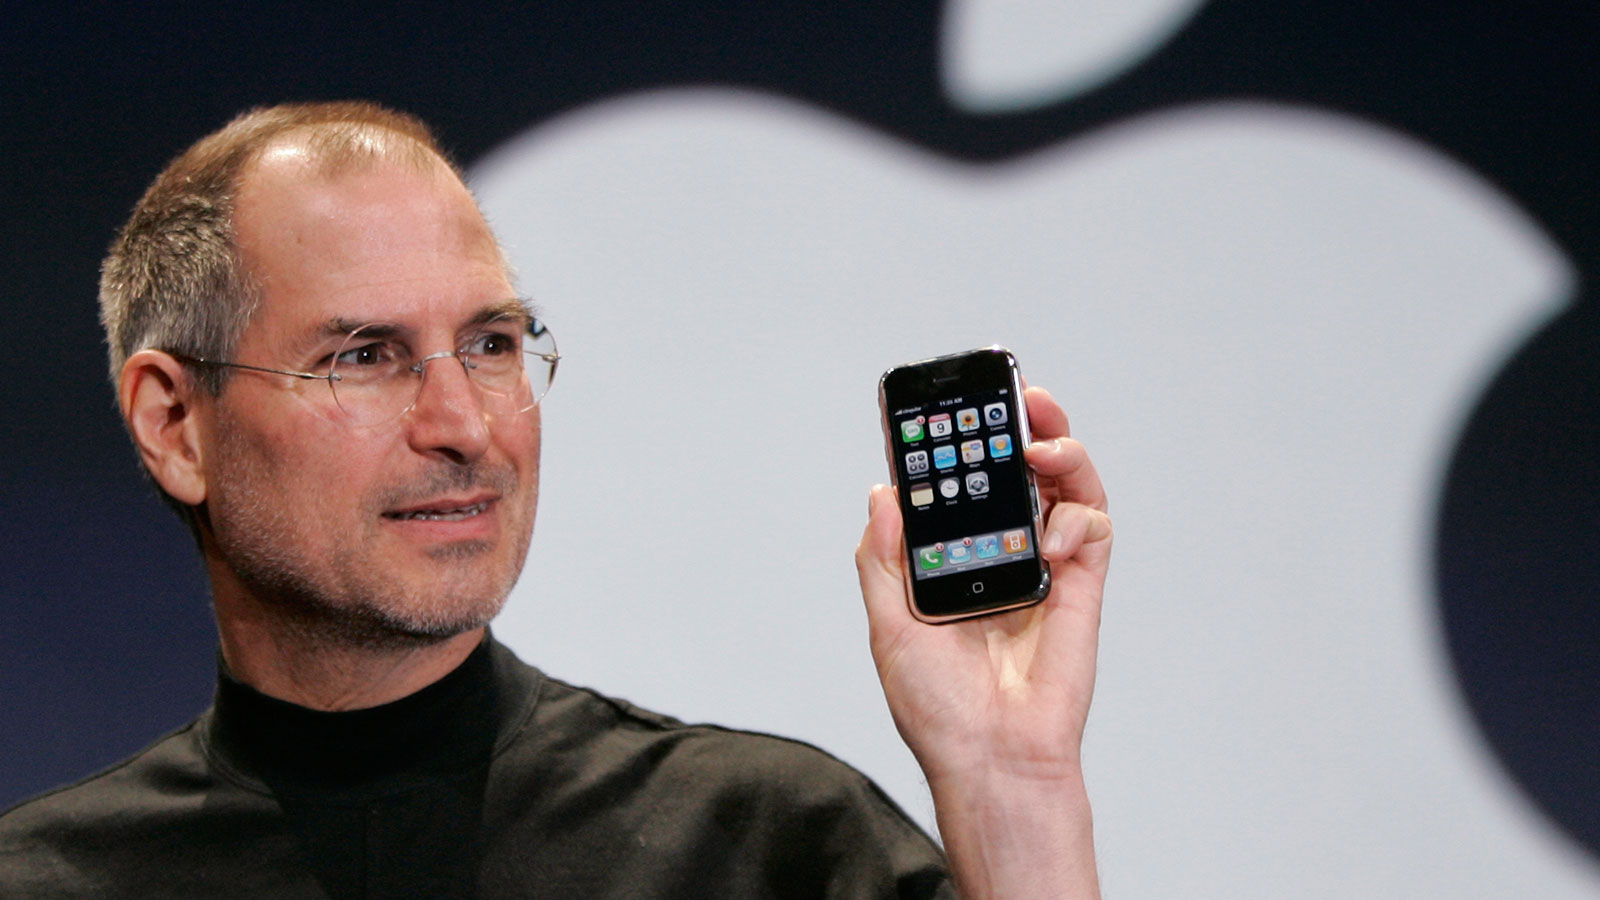 Steve Jobs lors du dévoilement de l'iPhone en 2007 (Photo : AP / Paul Sakuma).